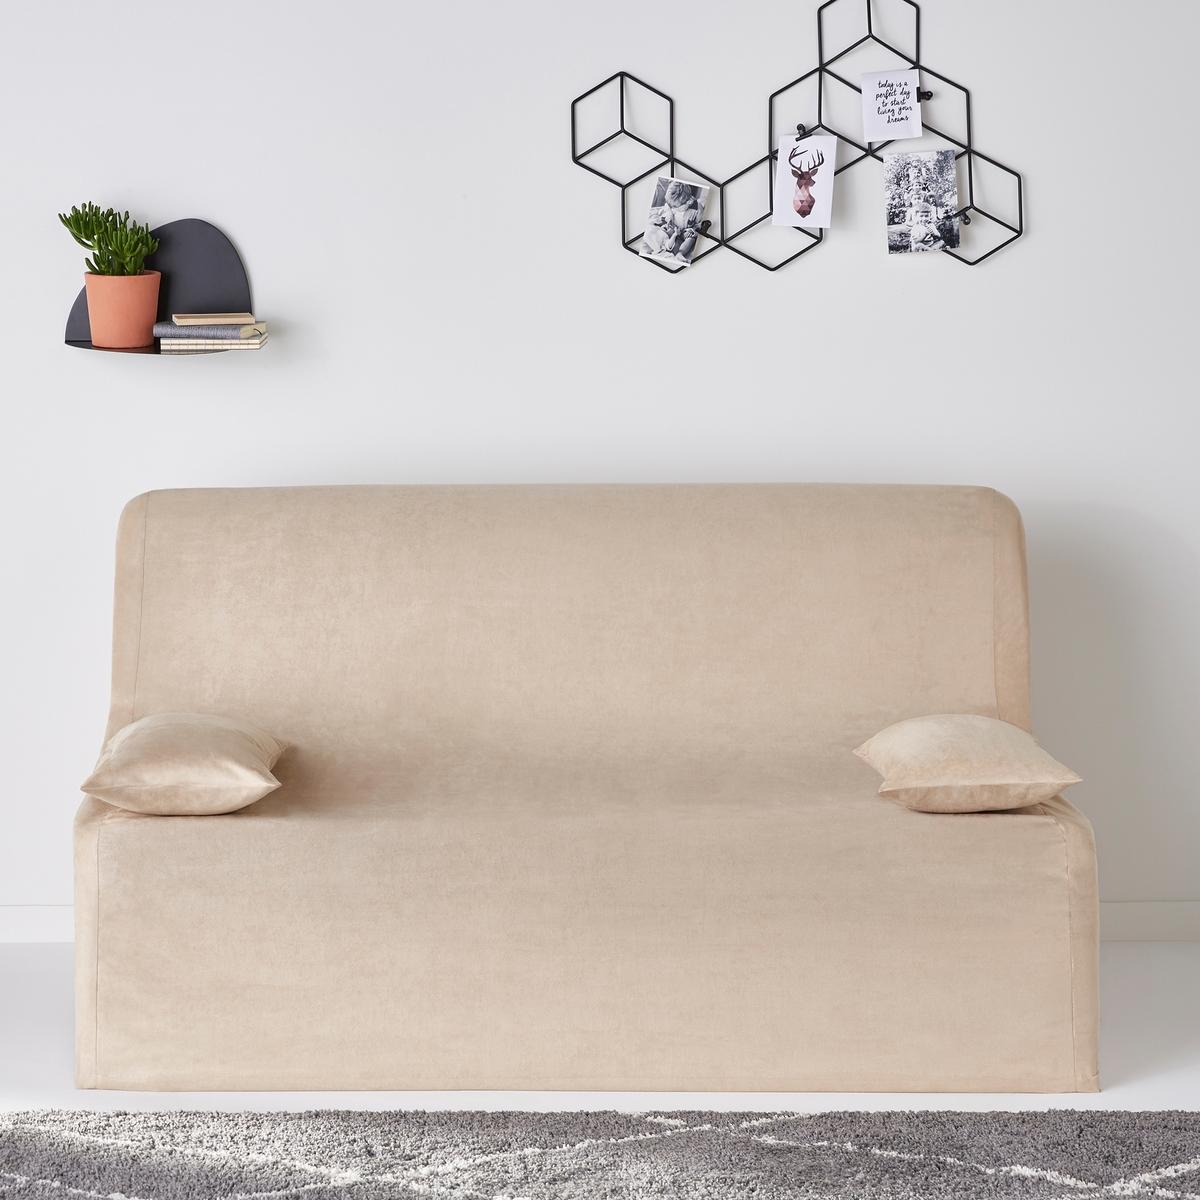 Чехол из искусственной замши для раскладного дивана, KALAОписание:Чехол из искусственной замши для раскладного дивана, KALA. Добавьте стиля вашему интерьеру! благодаря этому чехлу для раскладного дивана из искусственной замши, ультра мягкой и бархатистой на ощупь ! Быстро и просто подгоняется под ваш раскладной диван.Характеристики чехла для раскладного дивана KALA :  -микрофибра из искусственной замши 100% полиэстер-Эластичная отделкаРазмеры чехла для раскладного дивана KALA :-2 ширины : 140 или 160 см.  -Глубина 56 см.Рекомендации по уходу :Машинная стирка при 30°C<br><br>Цвет: бежевый,серый